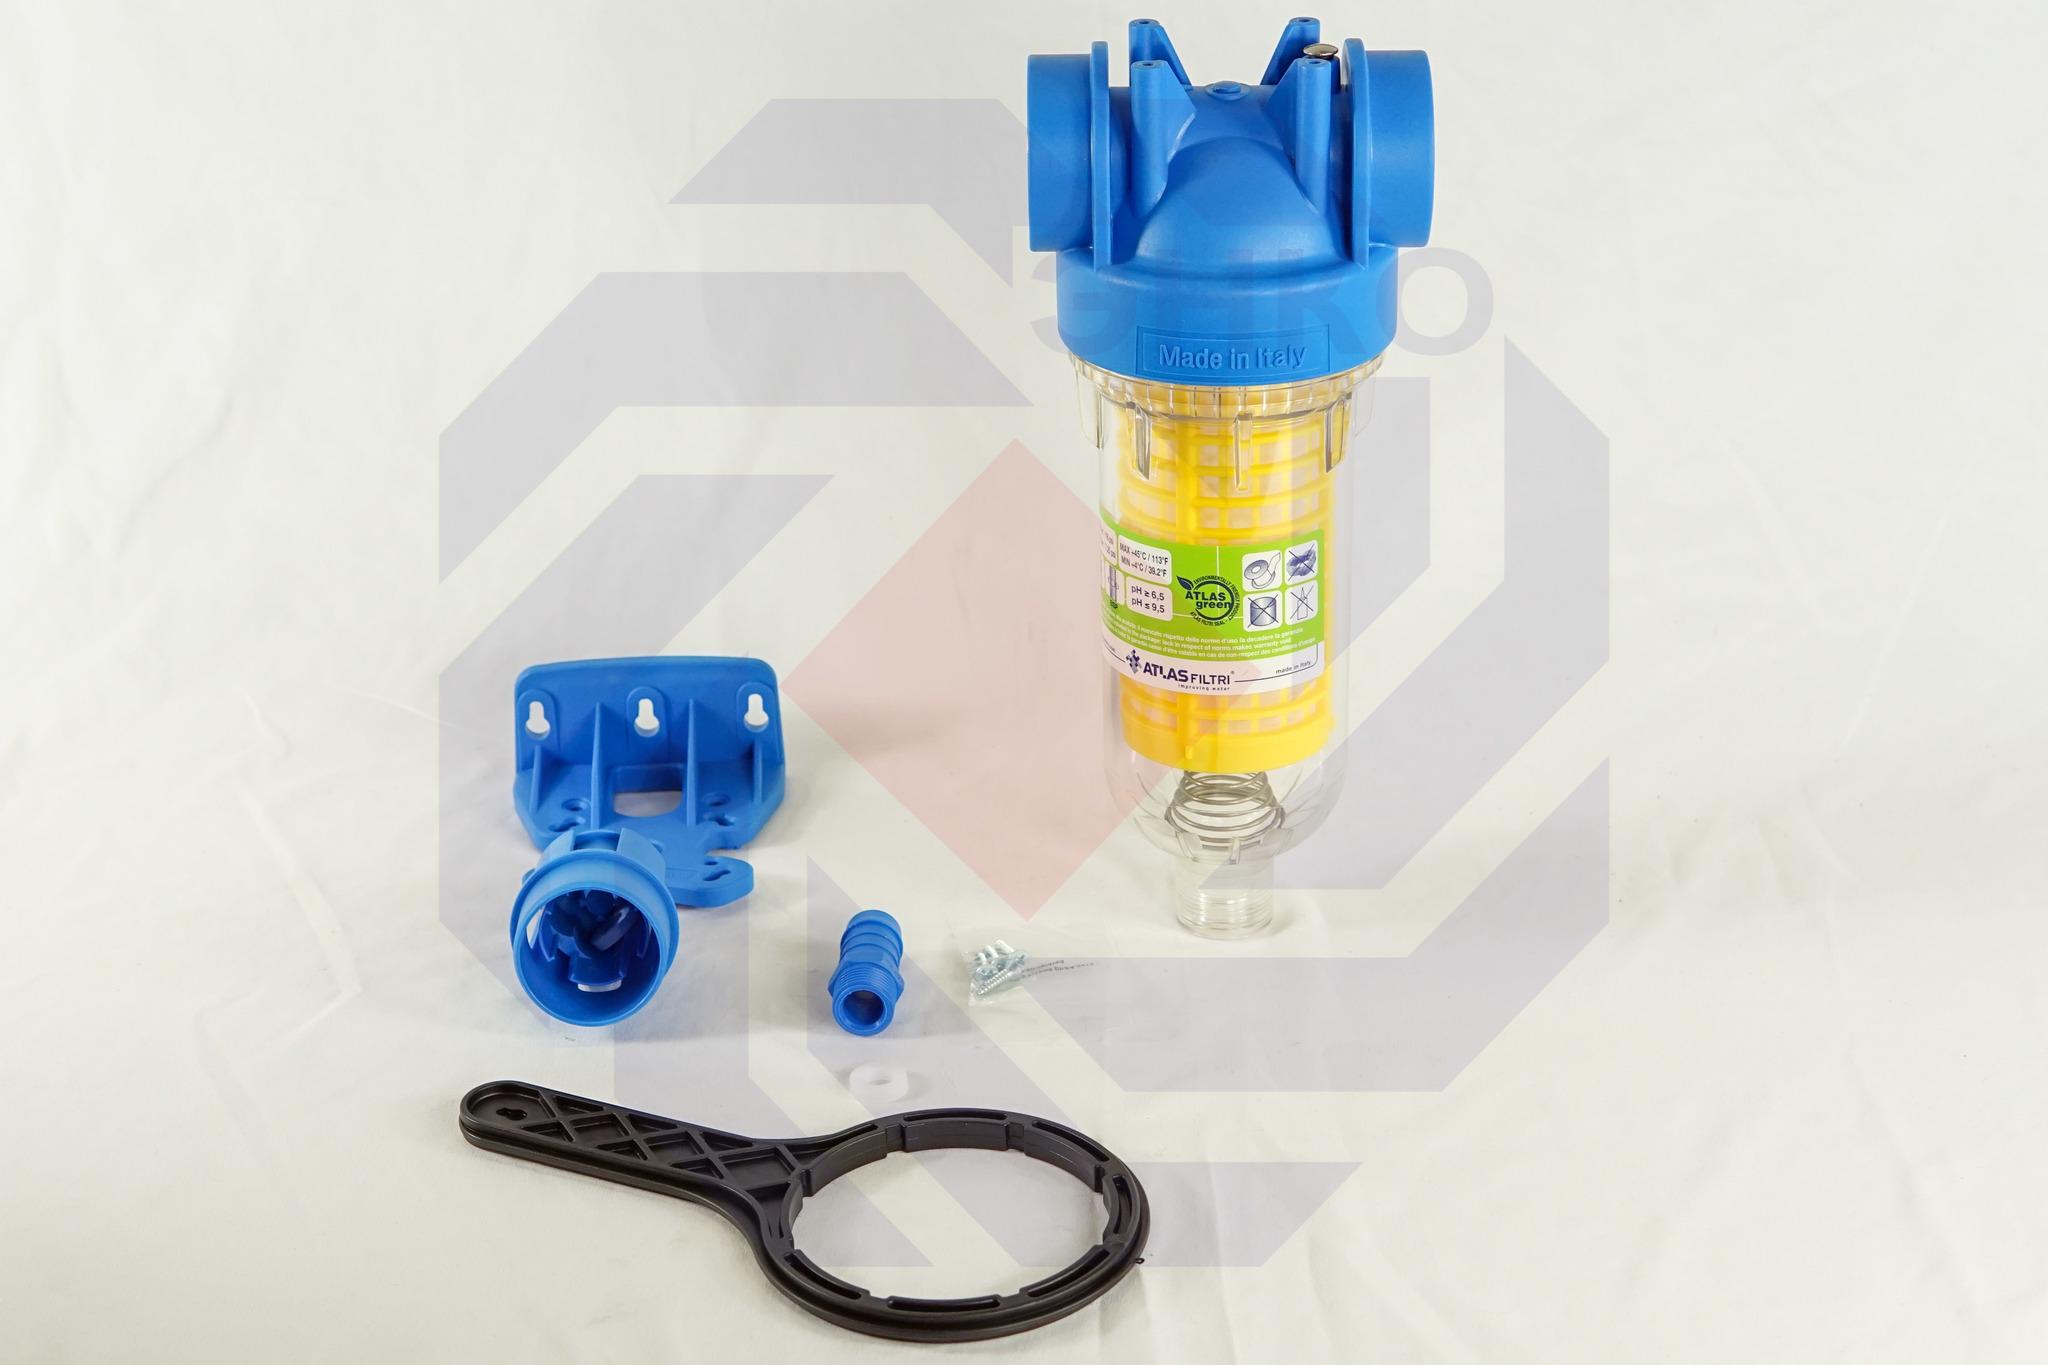 Фильтр для механической очистки самопромывающийся ATLAS HYDRA RLH 90 микрон 1¼